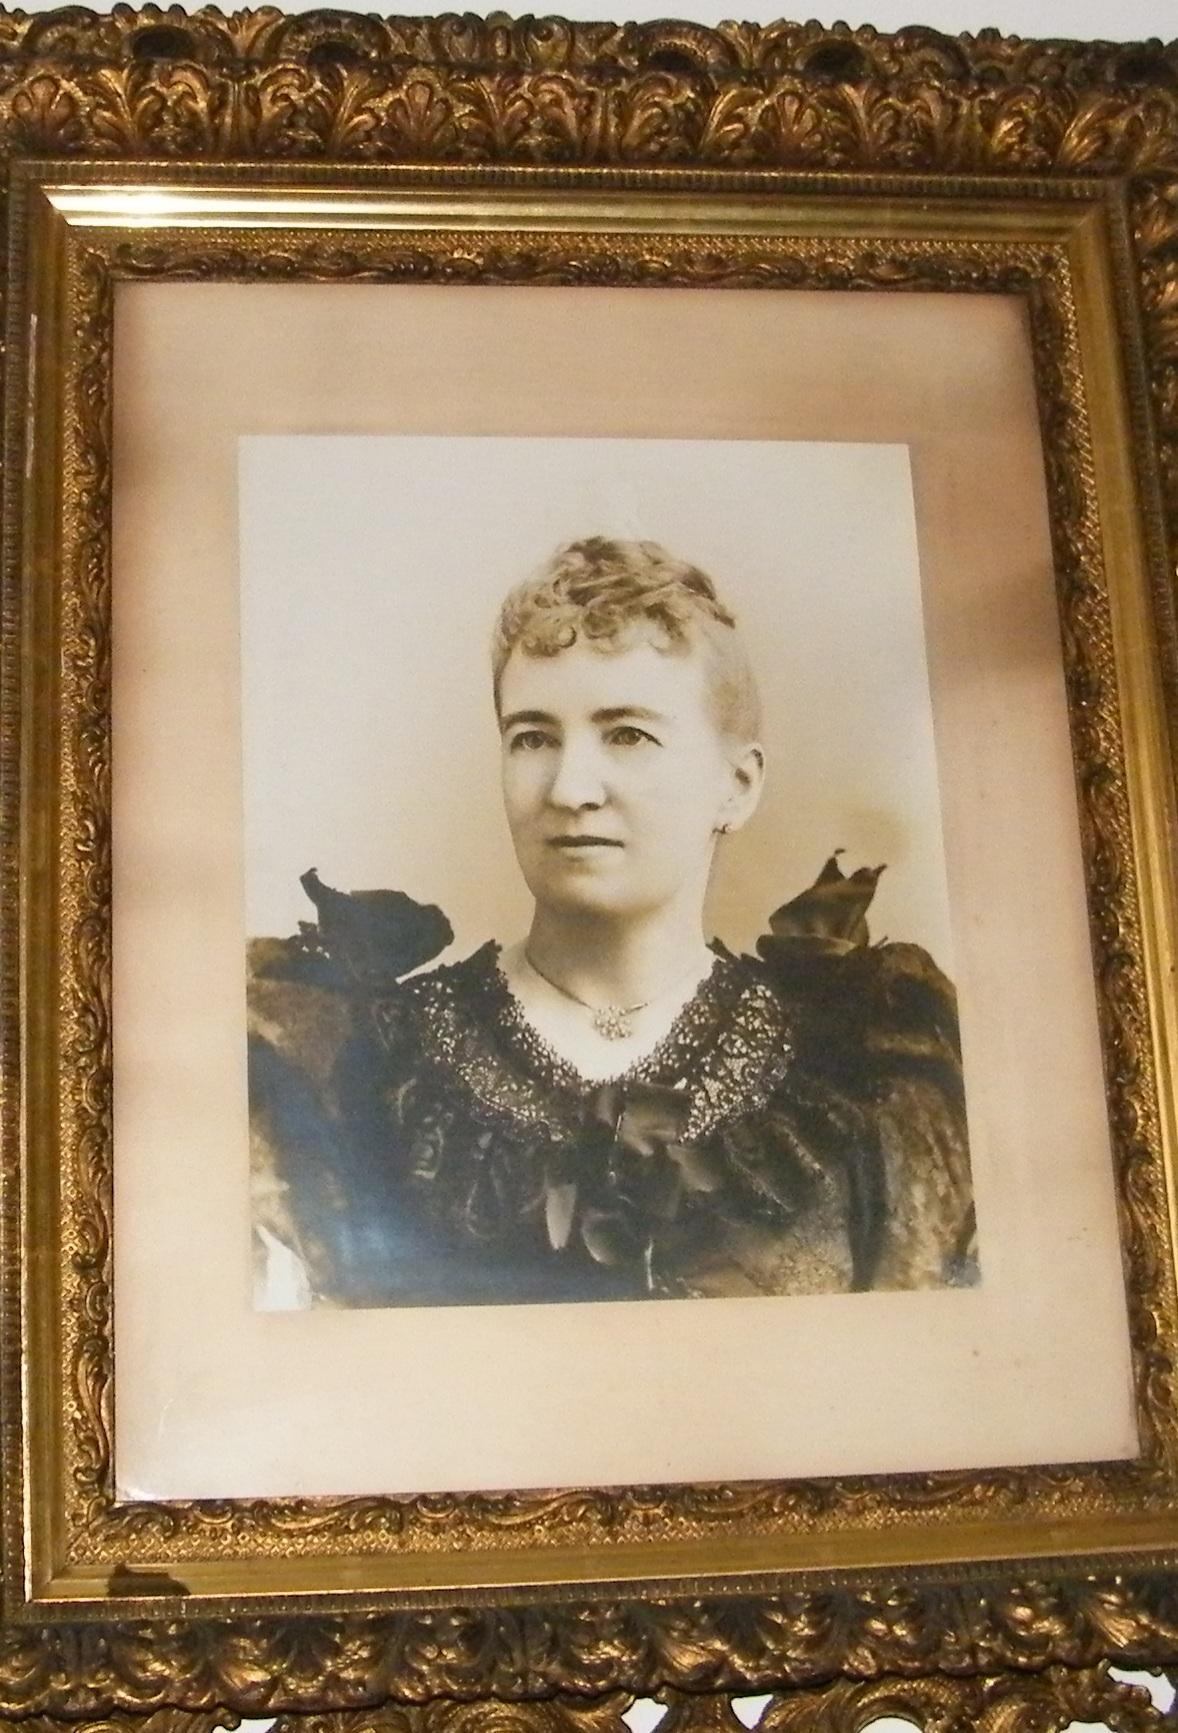 Molly Hinchman